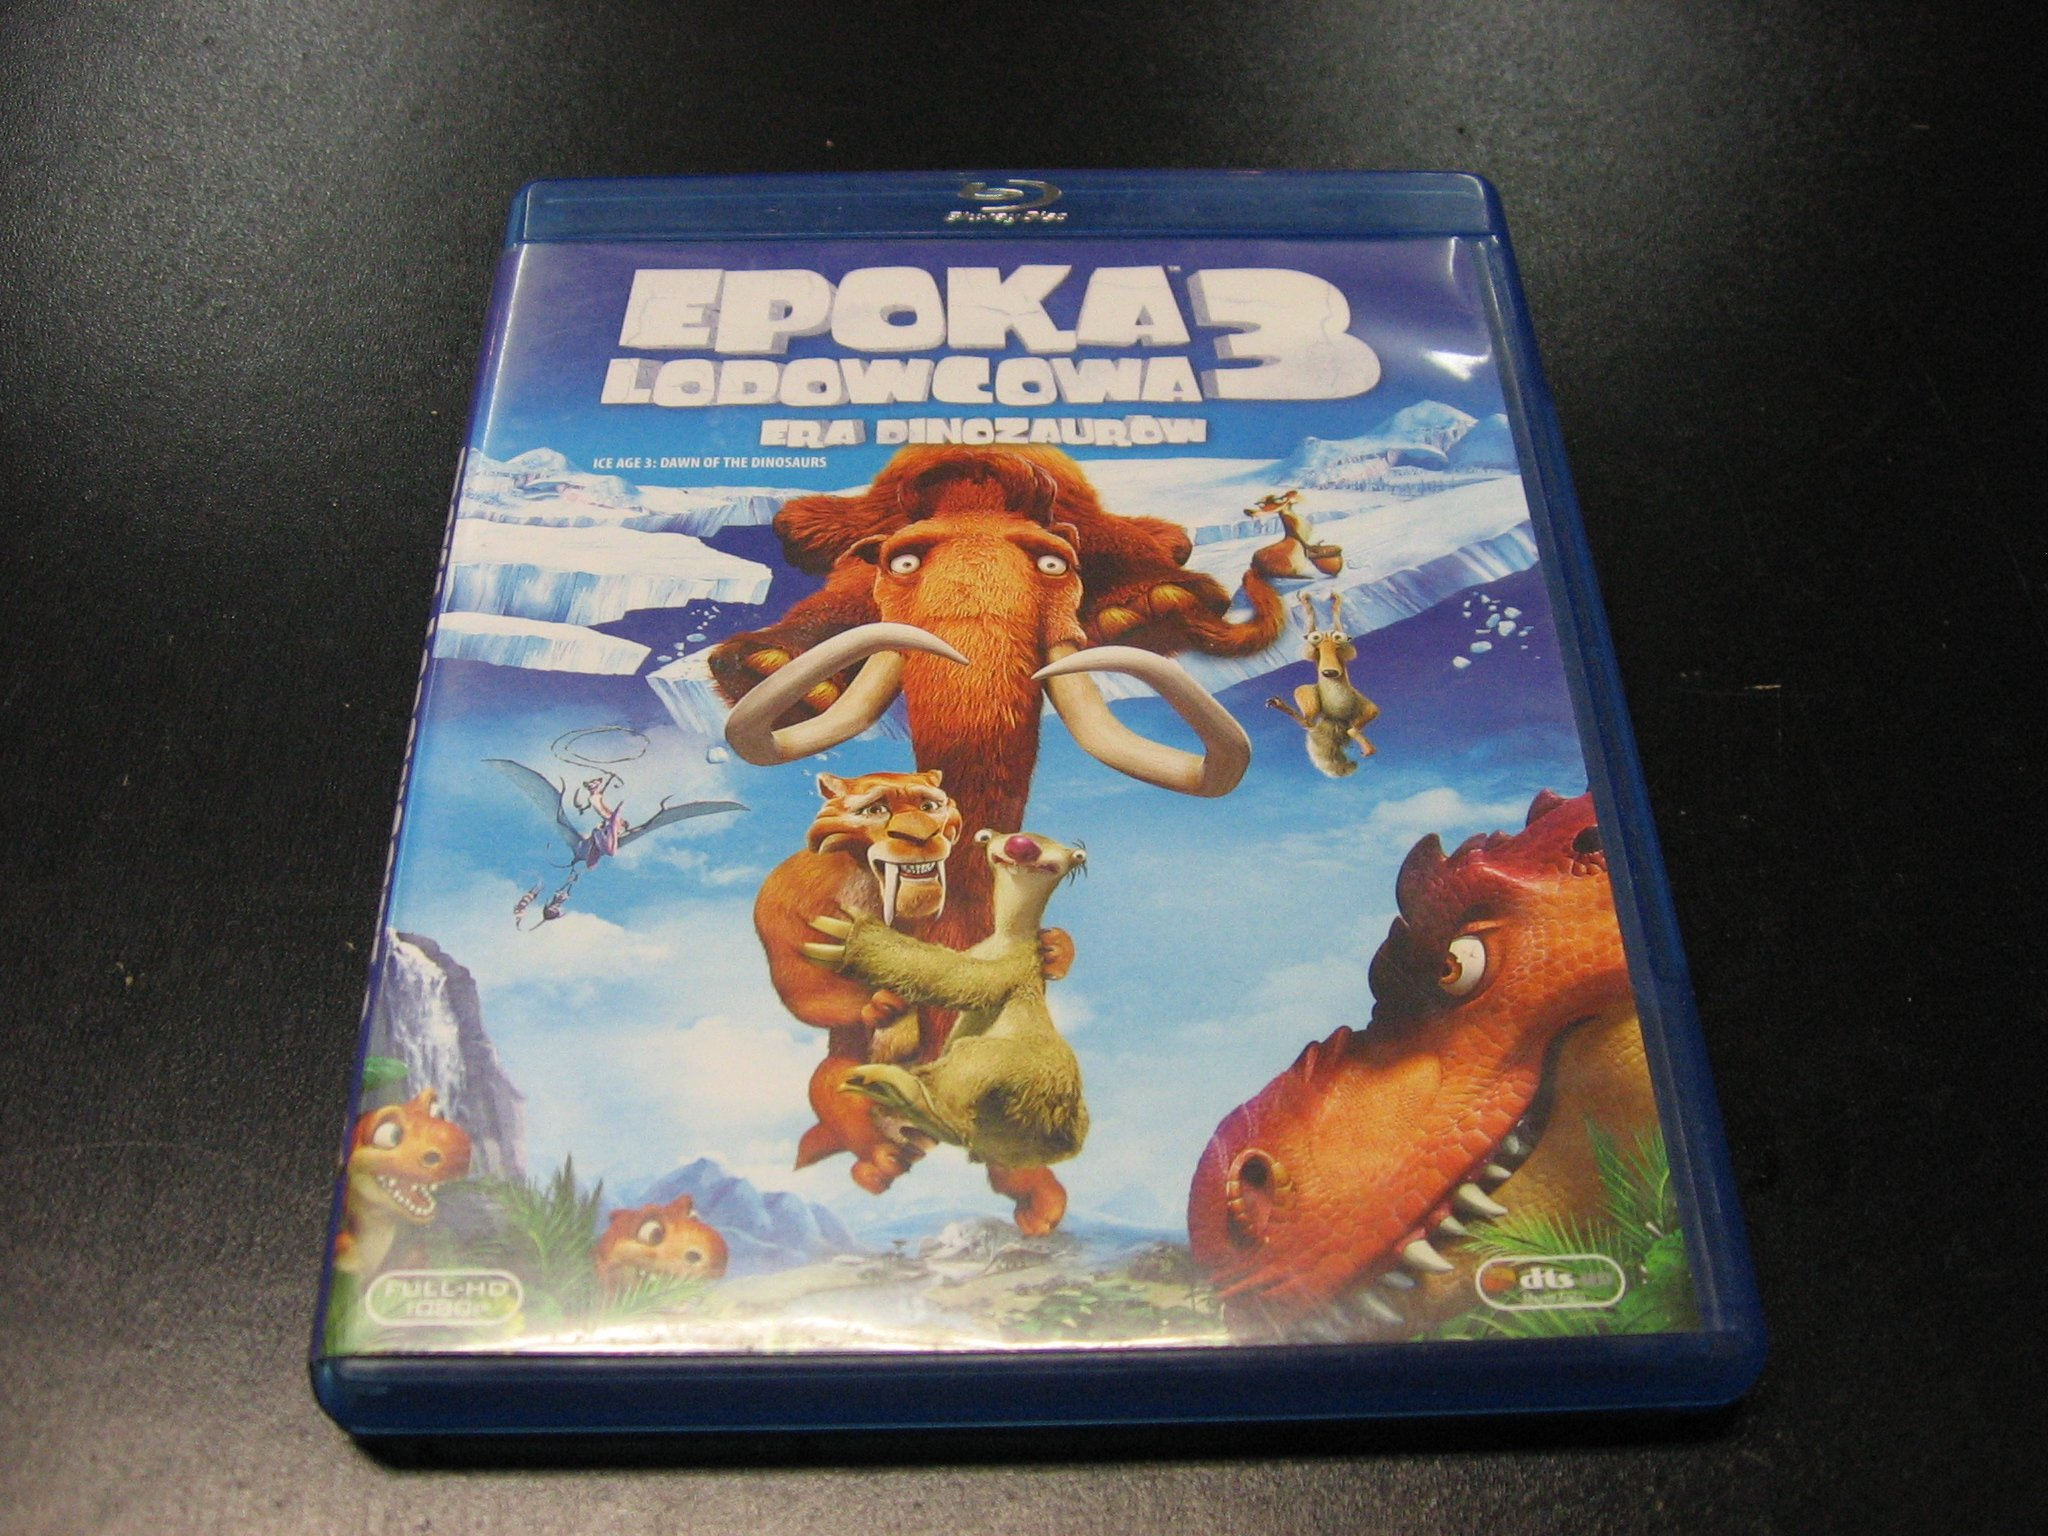 EPOKA LODOWCOWA 3 026 `````````` Blu-rey ```````````` Opole